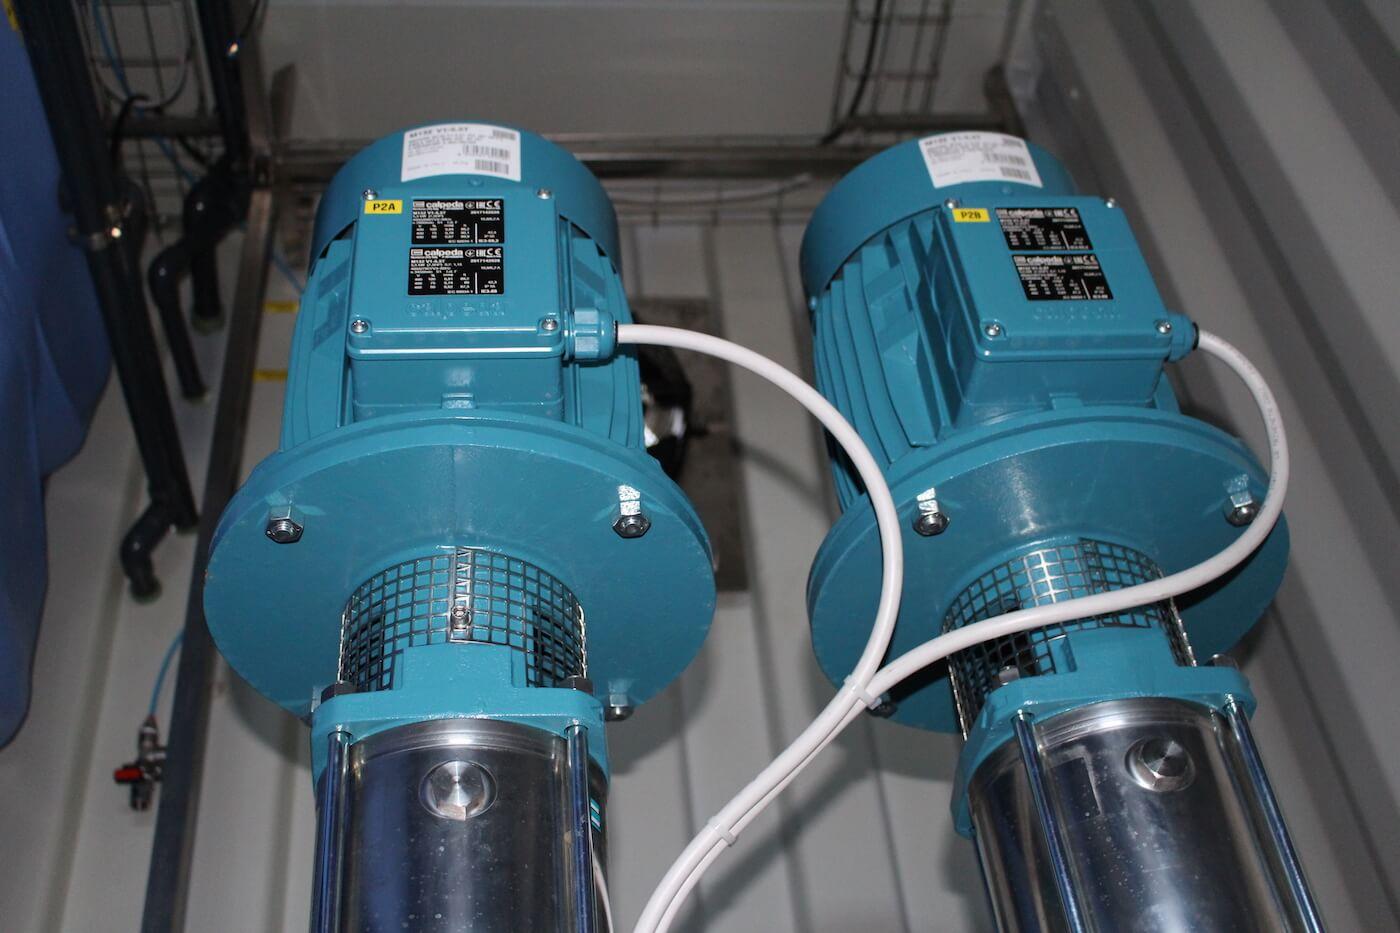 cz trattamento acque - impianti depurazione acqua filtrazione addolcimento osmosi inversa impianti container 16